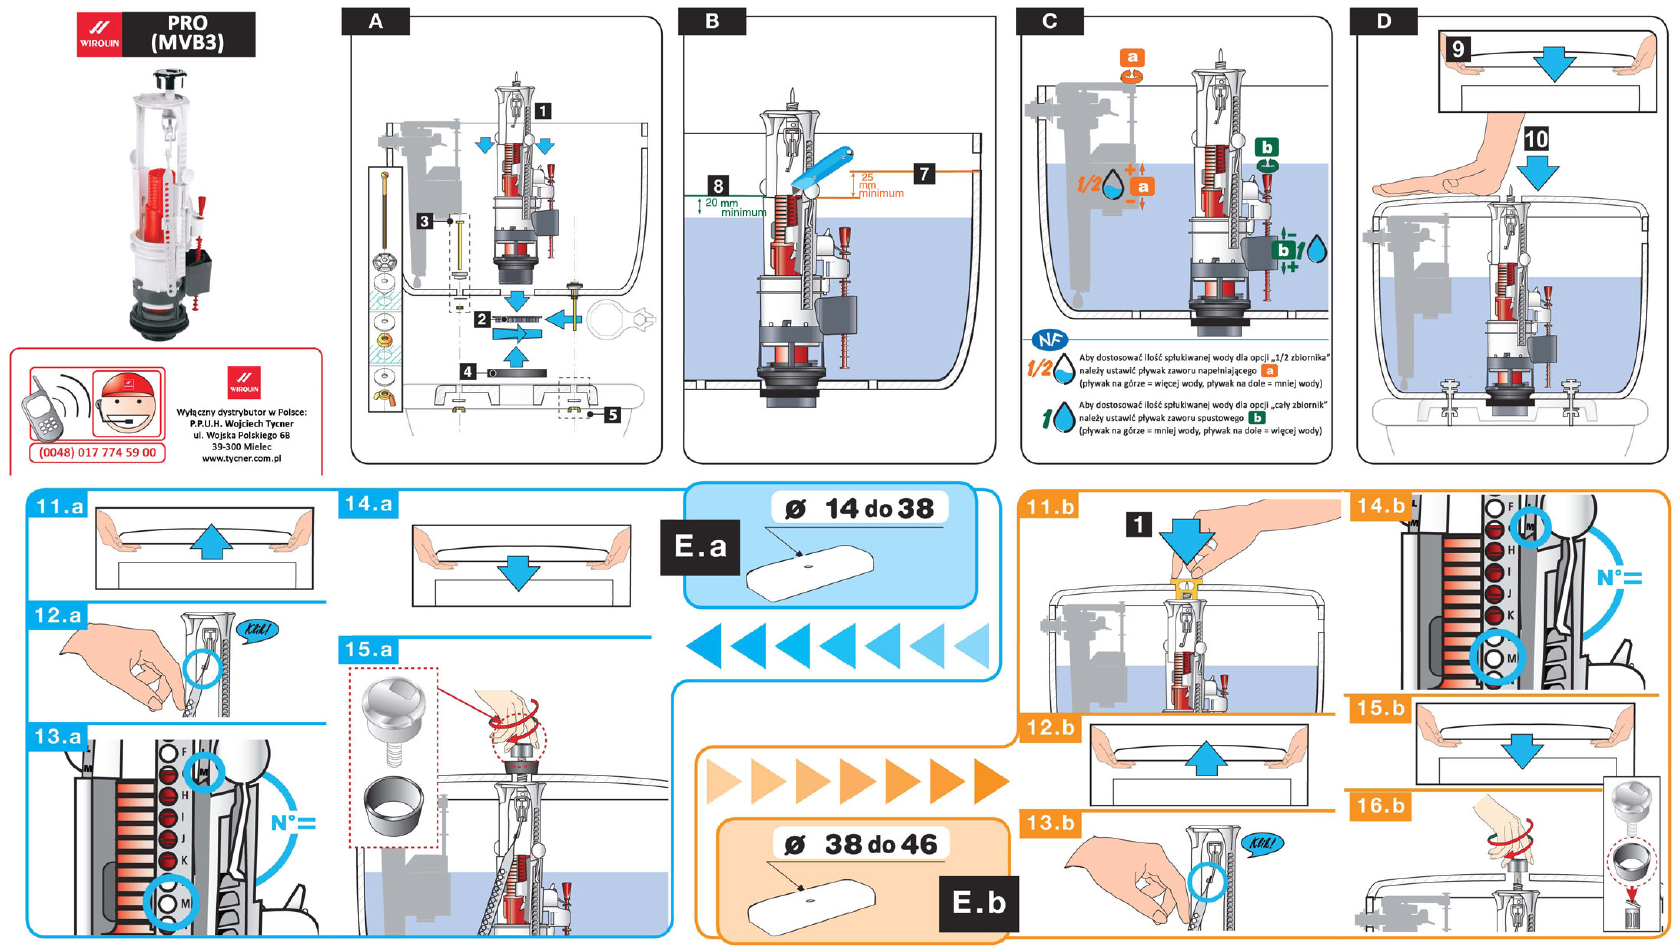 Instrukcja montażu - Mechanizm spustowy Pro (MVB3)